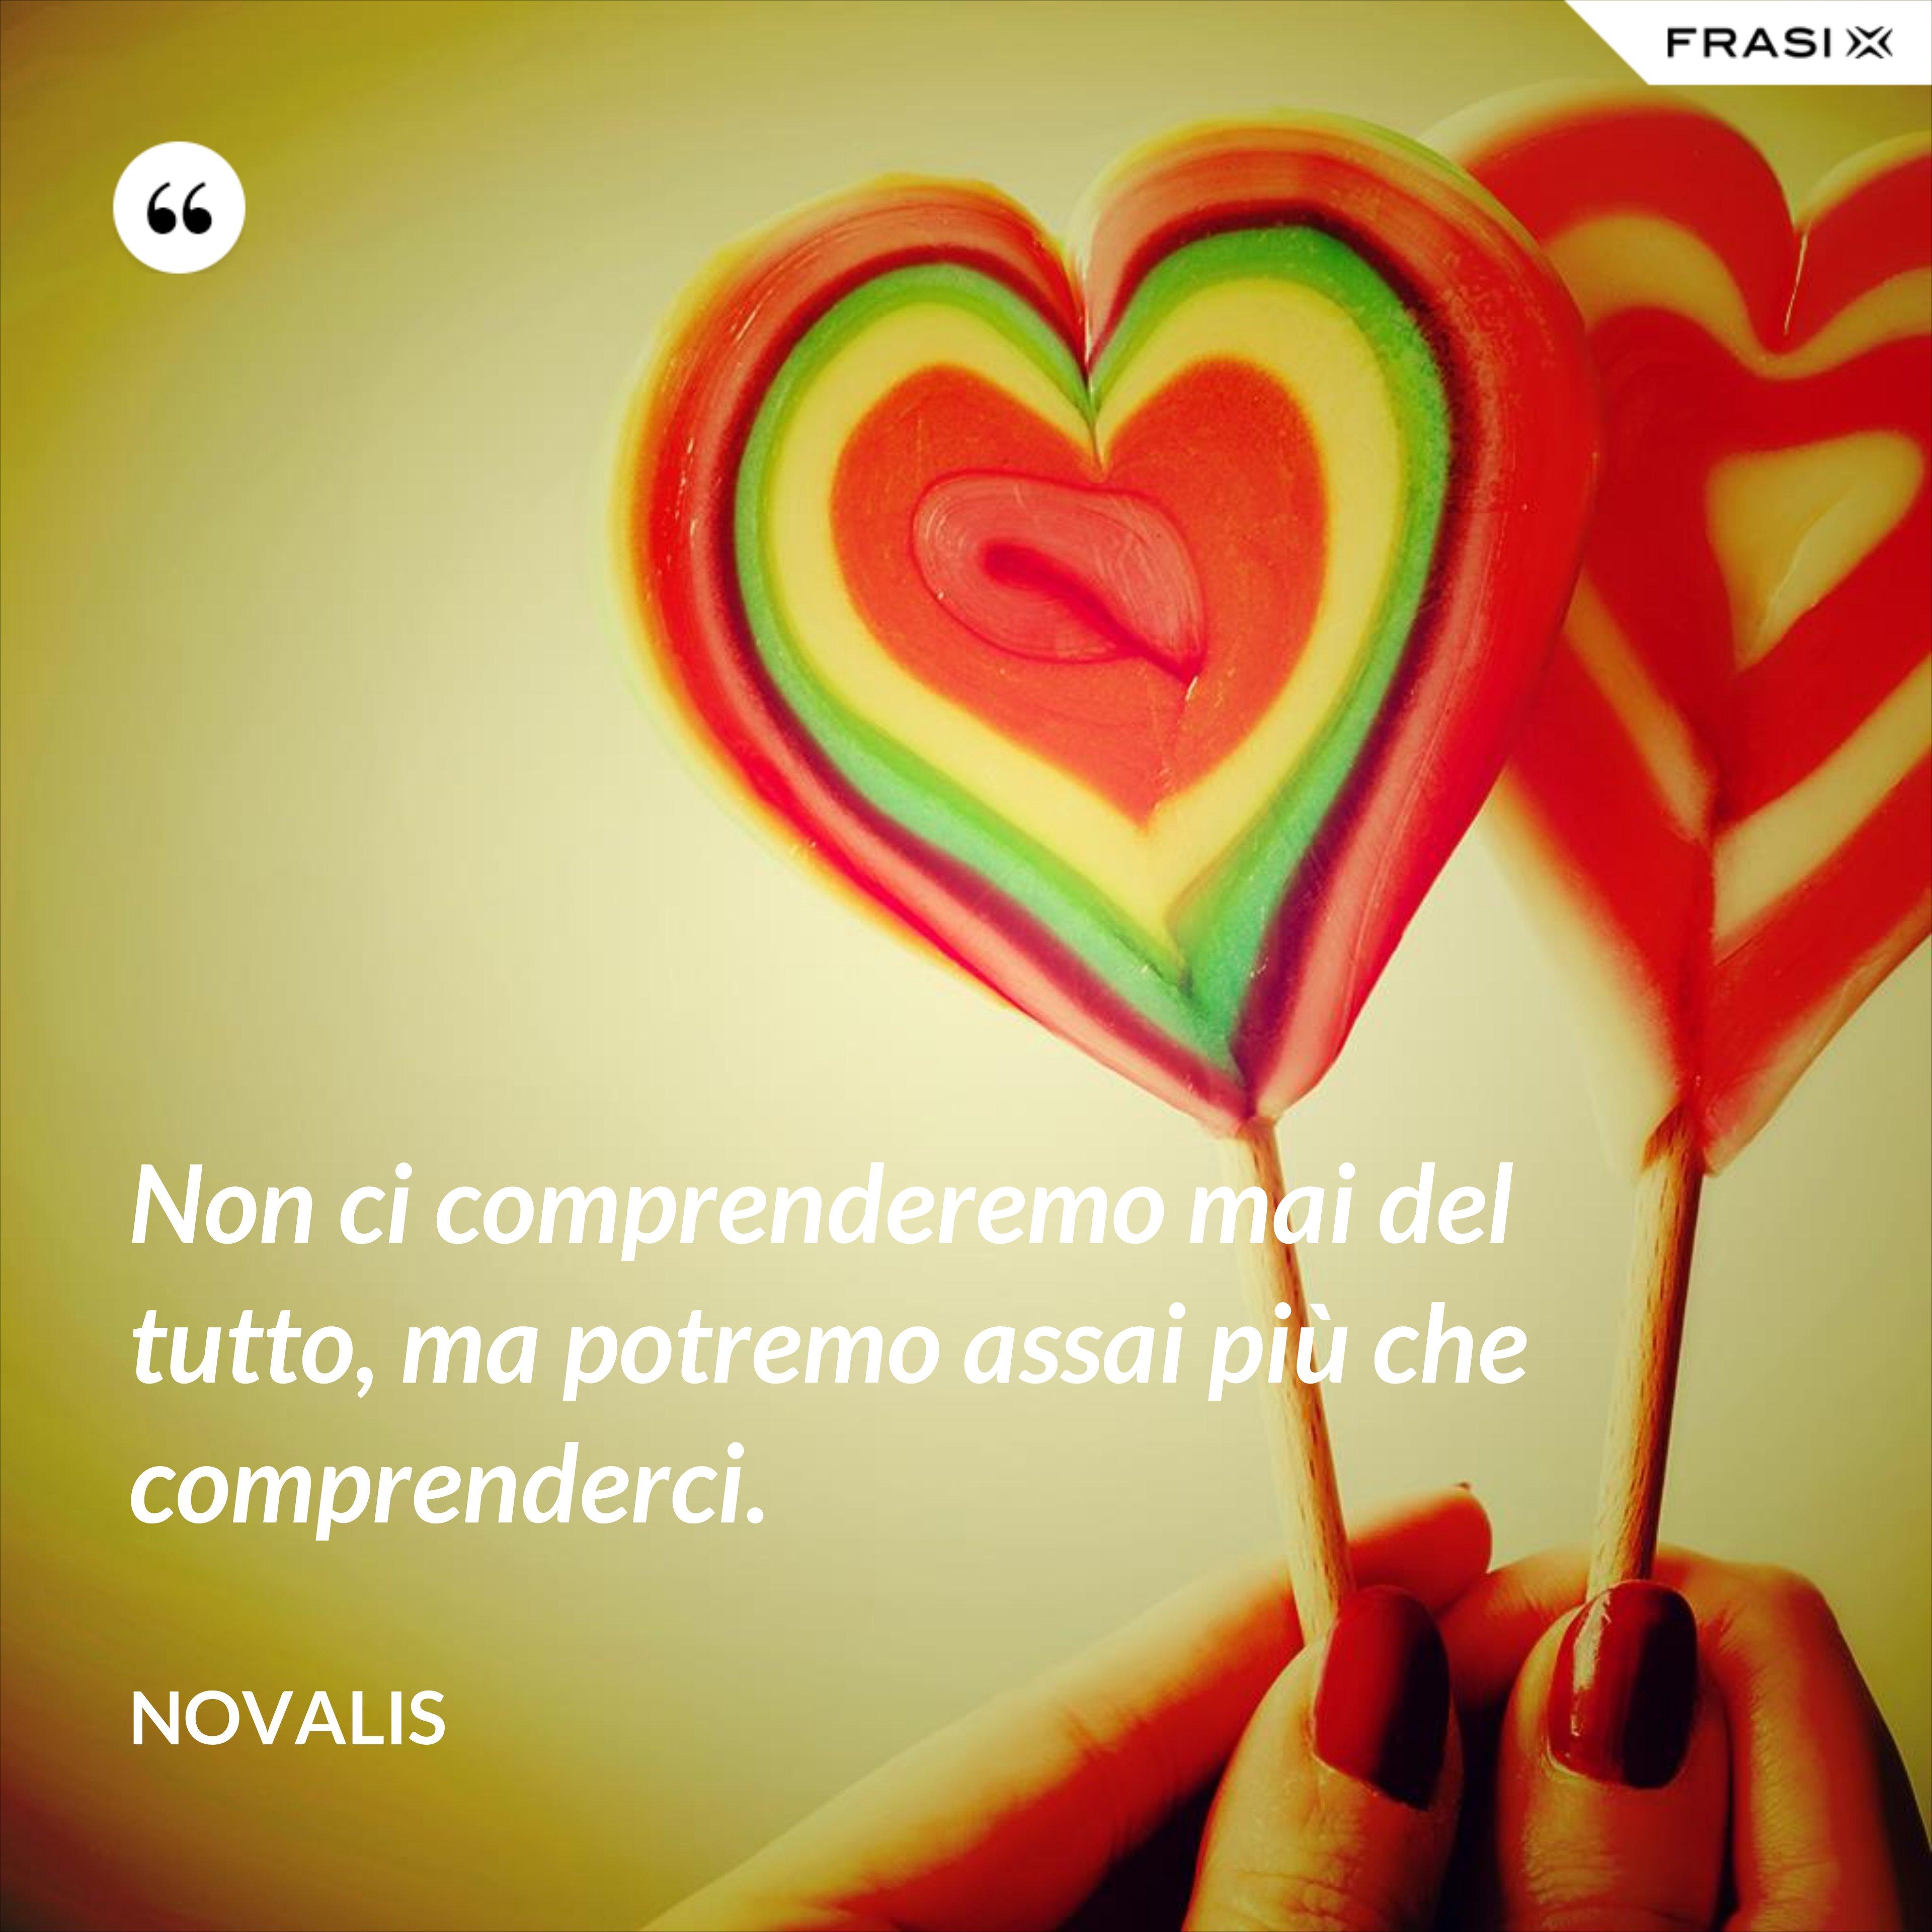 Non ci comprenderemo mai del tutto, ma potremo assai più che comprenderci. - Novalis